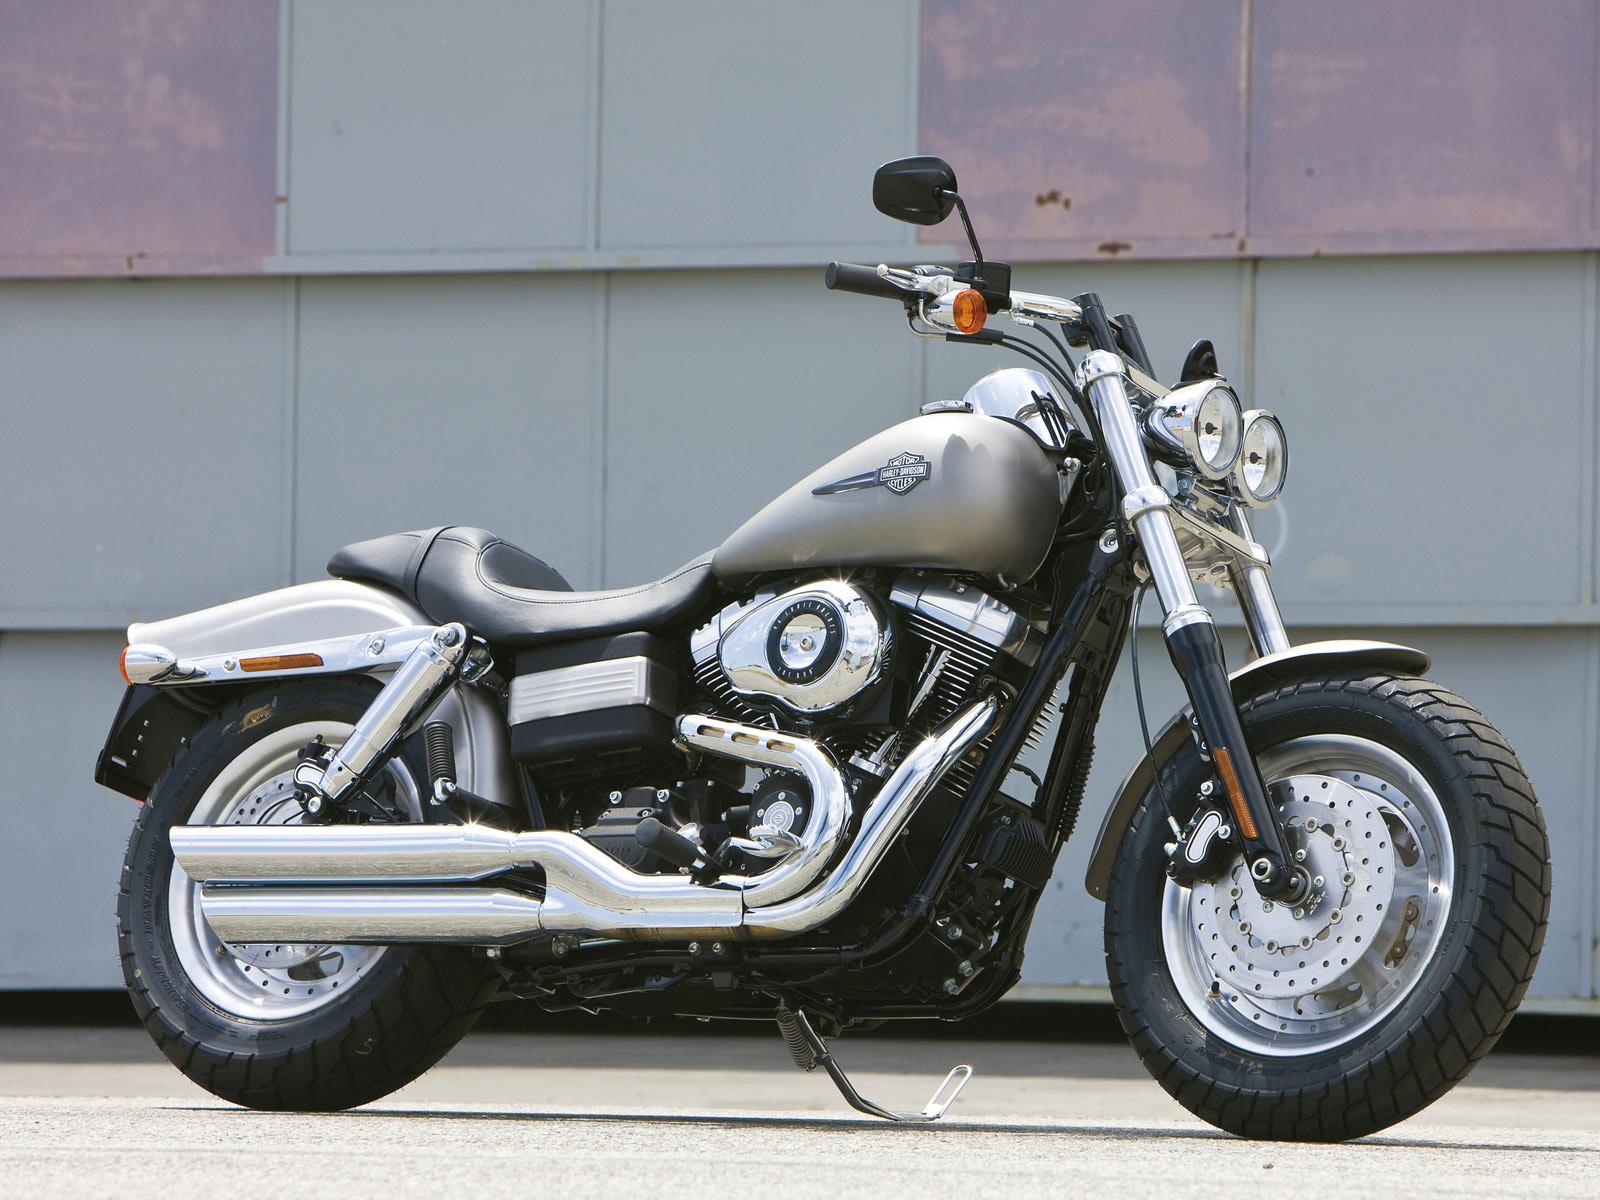 http://1.bp.blogspot.com/-zXIfjOZJ85w/TikaiWNeKLI/AAAAAAAAA6Q/FA4d8uEJSX4/s1600/harley_davidson_FXDF_dyna_fat_bob_motorcycle_wallpapers2.jpg